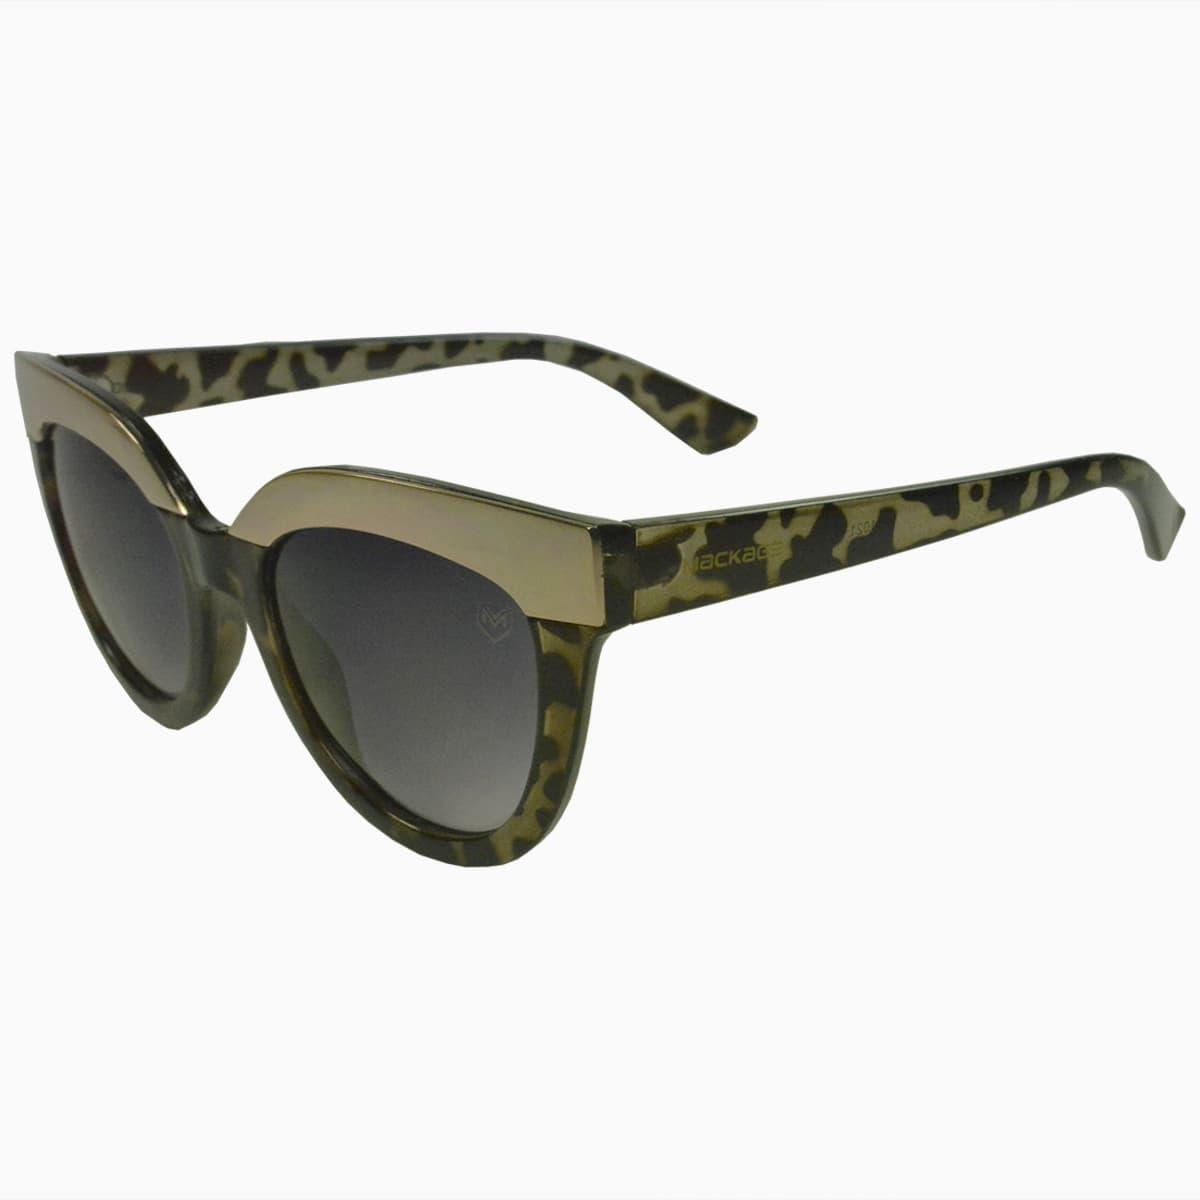 Óculos de Sol Mackage MK1021C3LN Dourado Tarta